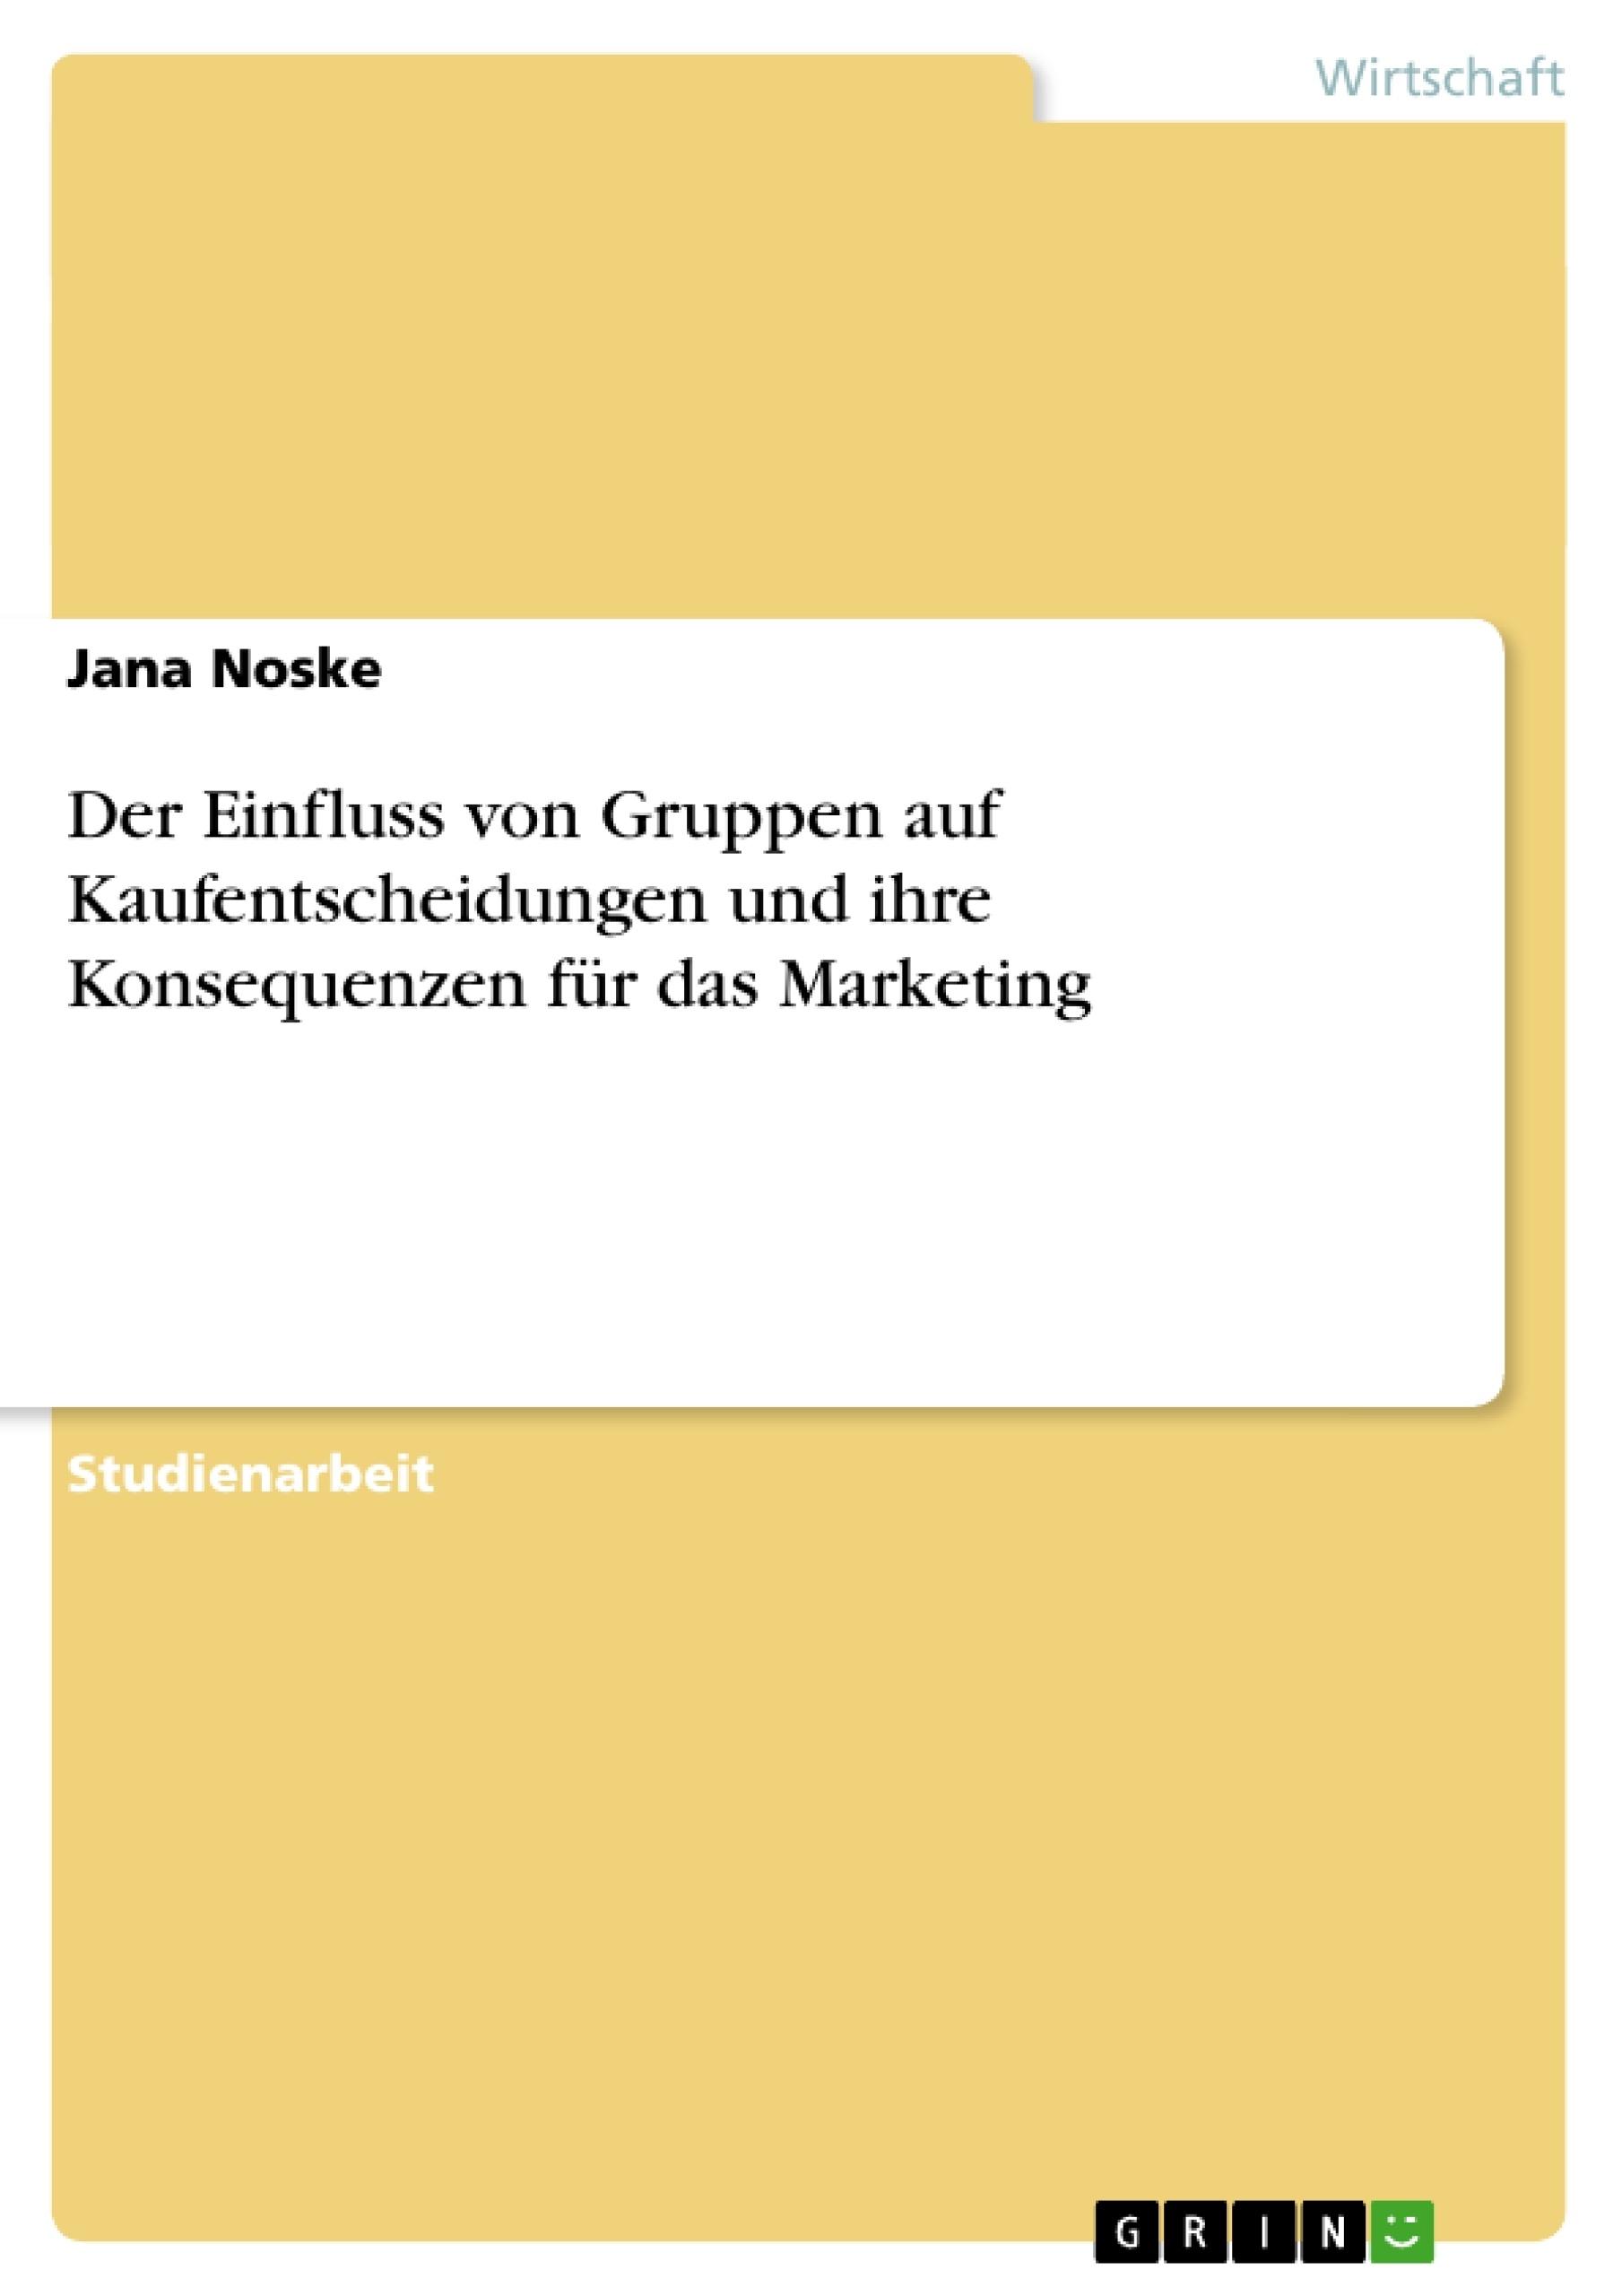 Titel: Der Einfluss von Gruppen auf Kaufentscheidungen und ihre Konsequenzen für das Marketing